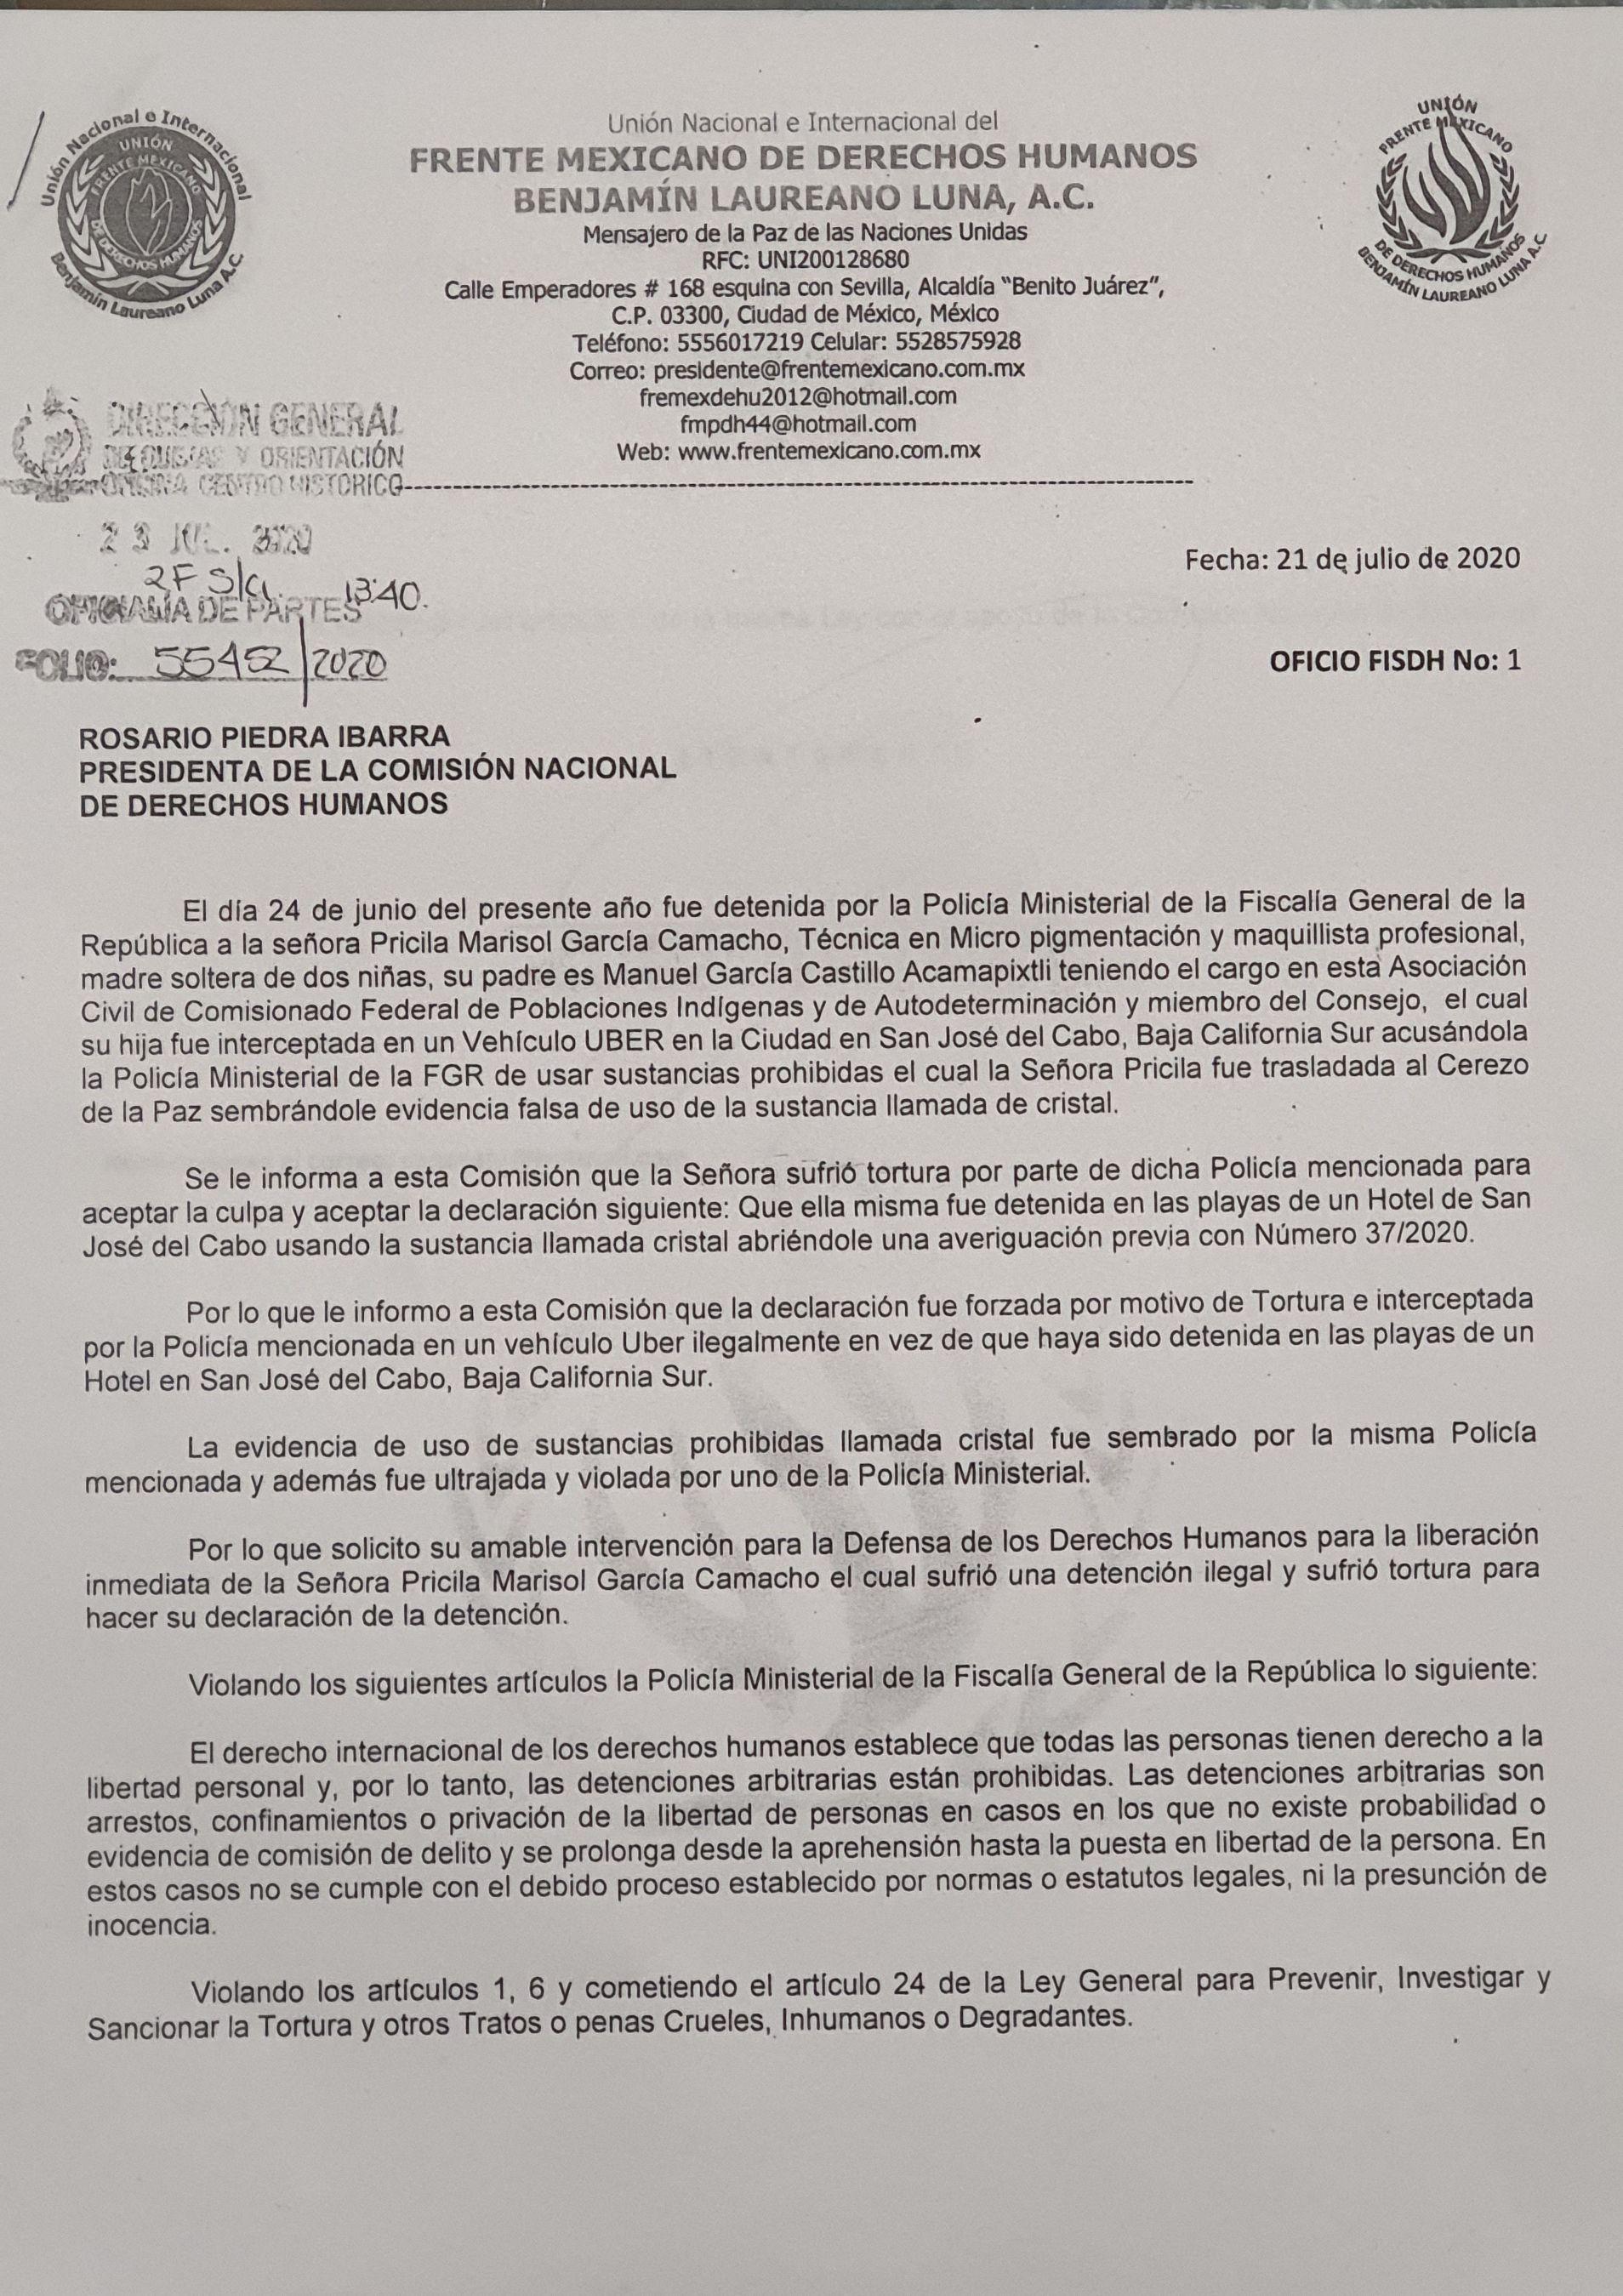 Denuncia el FMDH-BLL fabricación de delitos, tortura  y violación a una joven en San José del Cabo